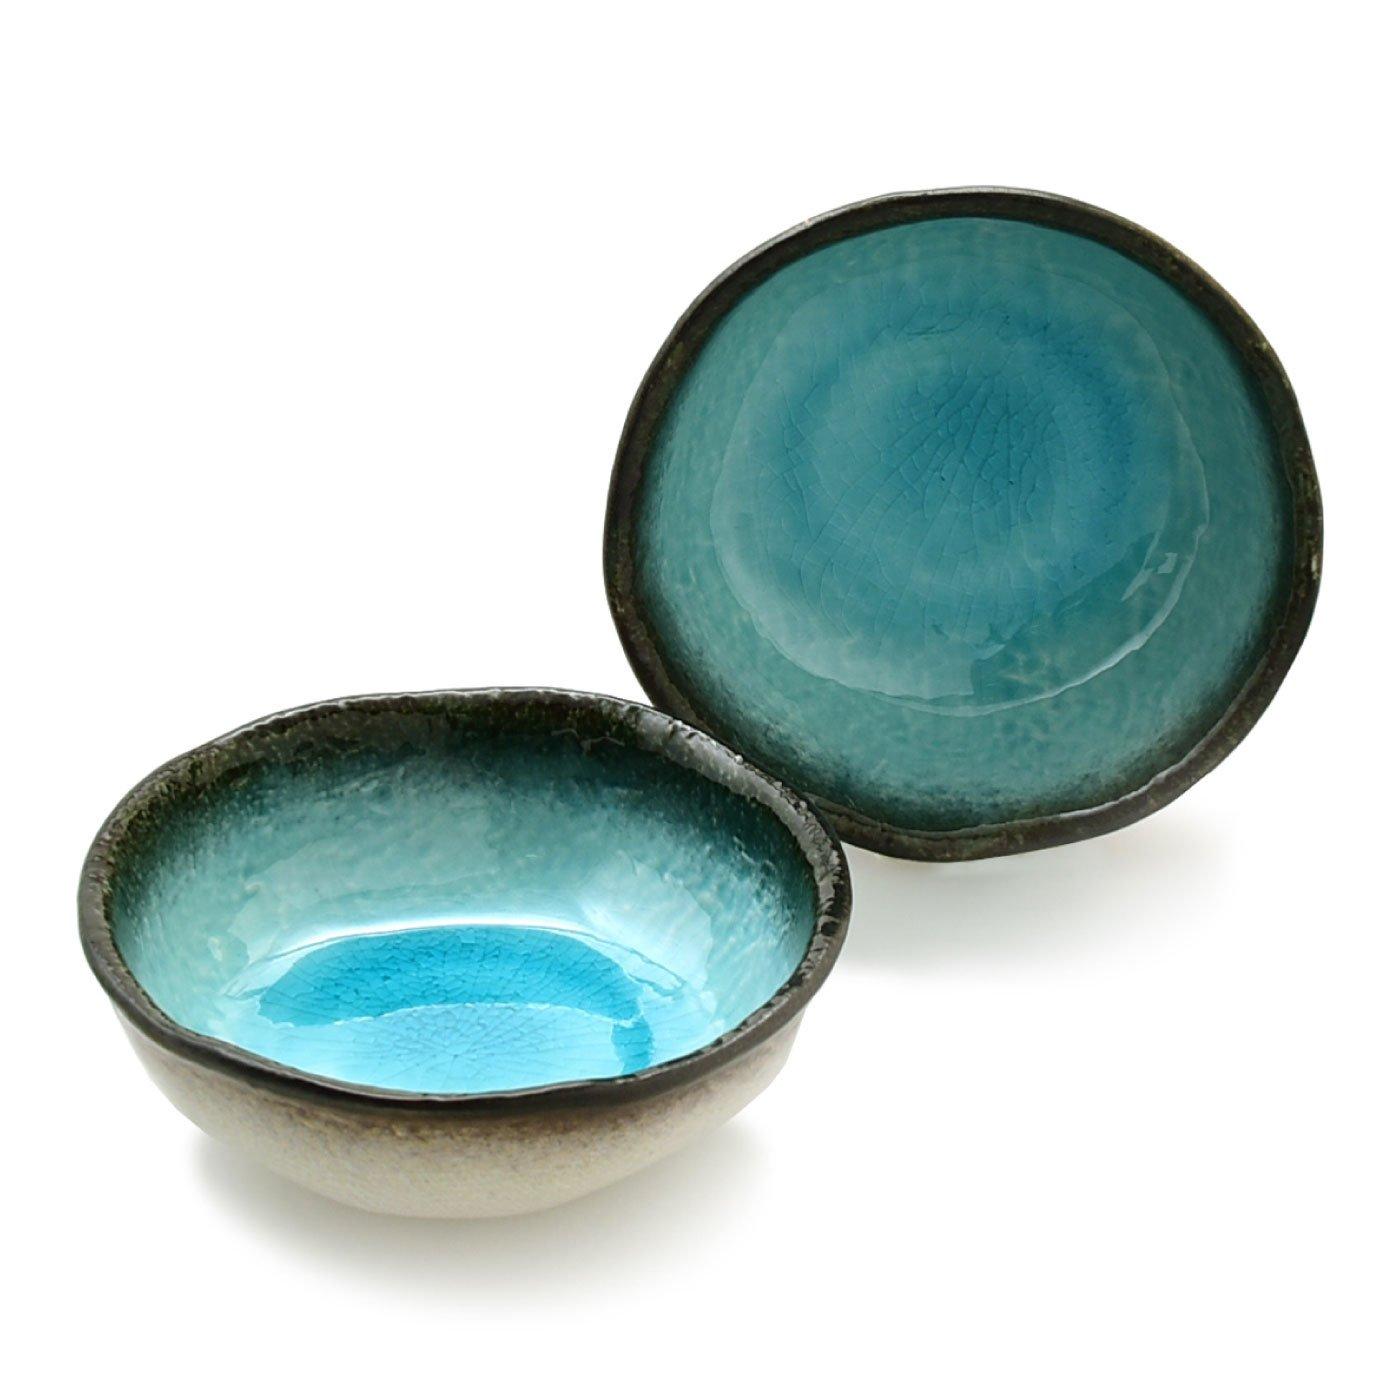 清涼なブルーが美しいうつわ湧水 小鉢2個セット